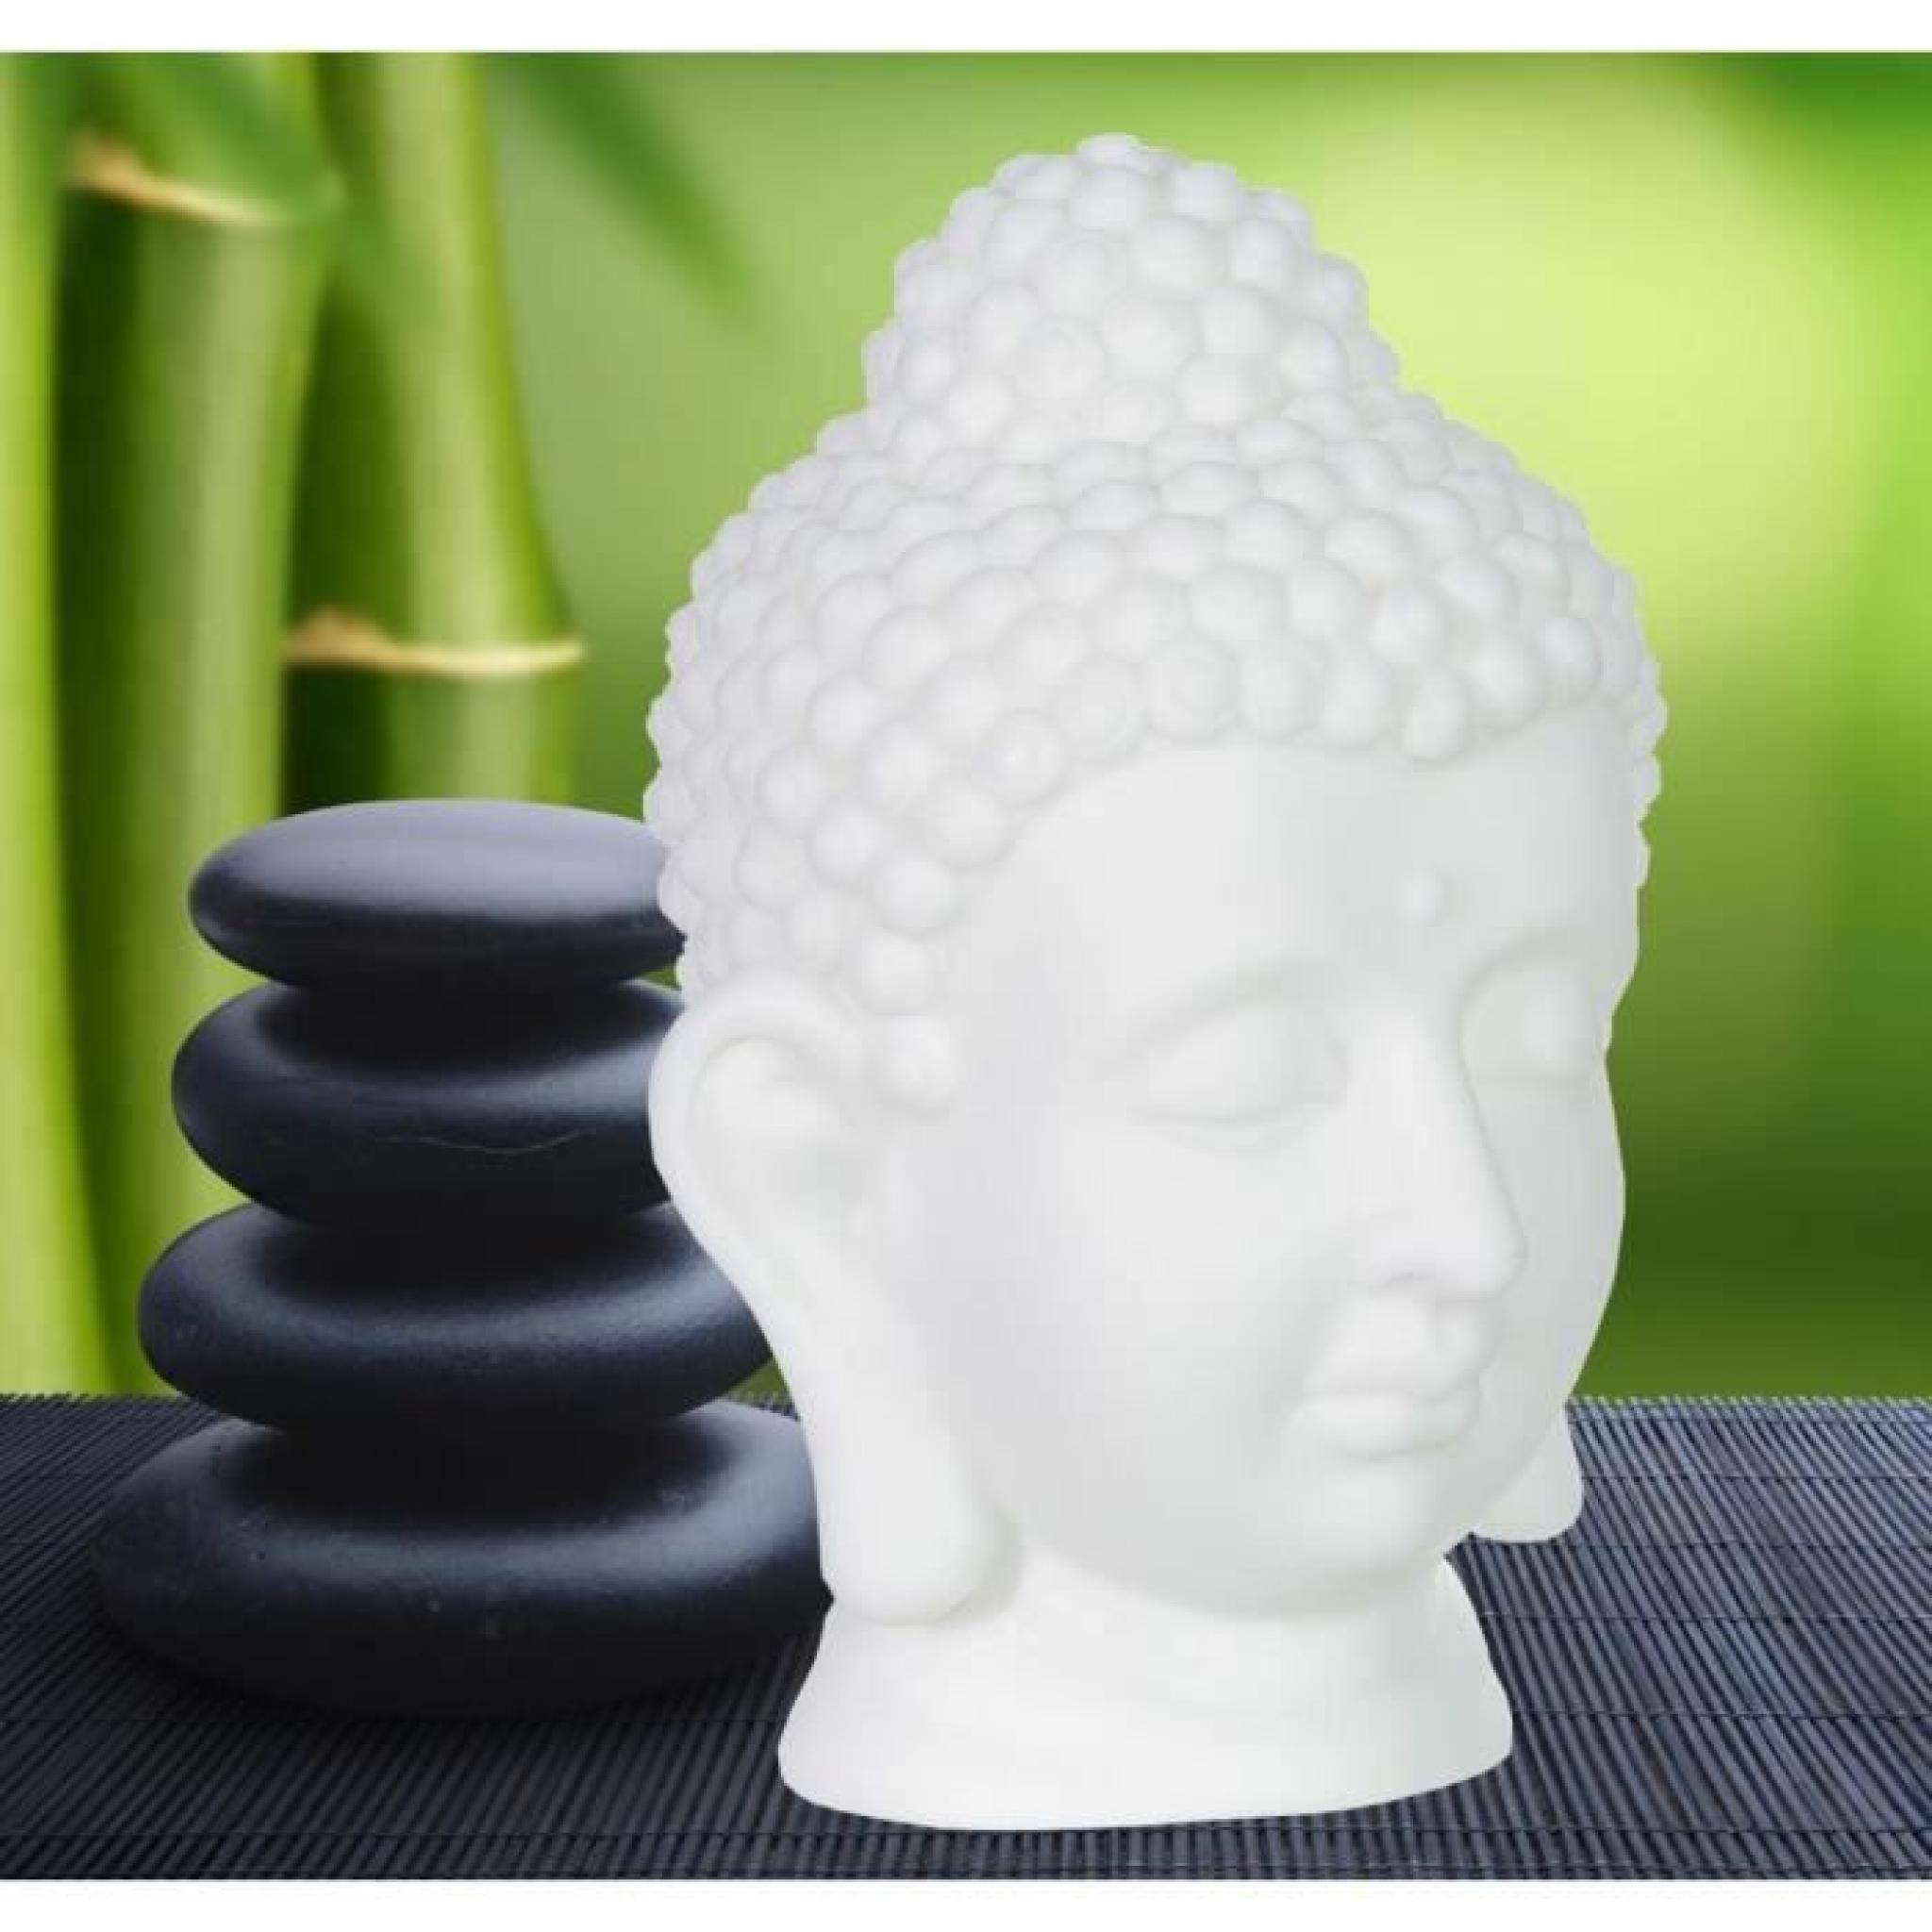 Lampe tête de bouddha à led avec changement de couleurs automatique, idée cadeau déco